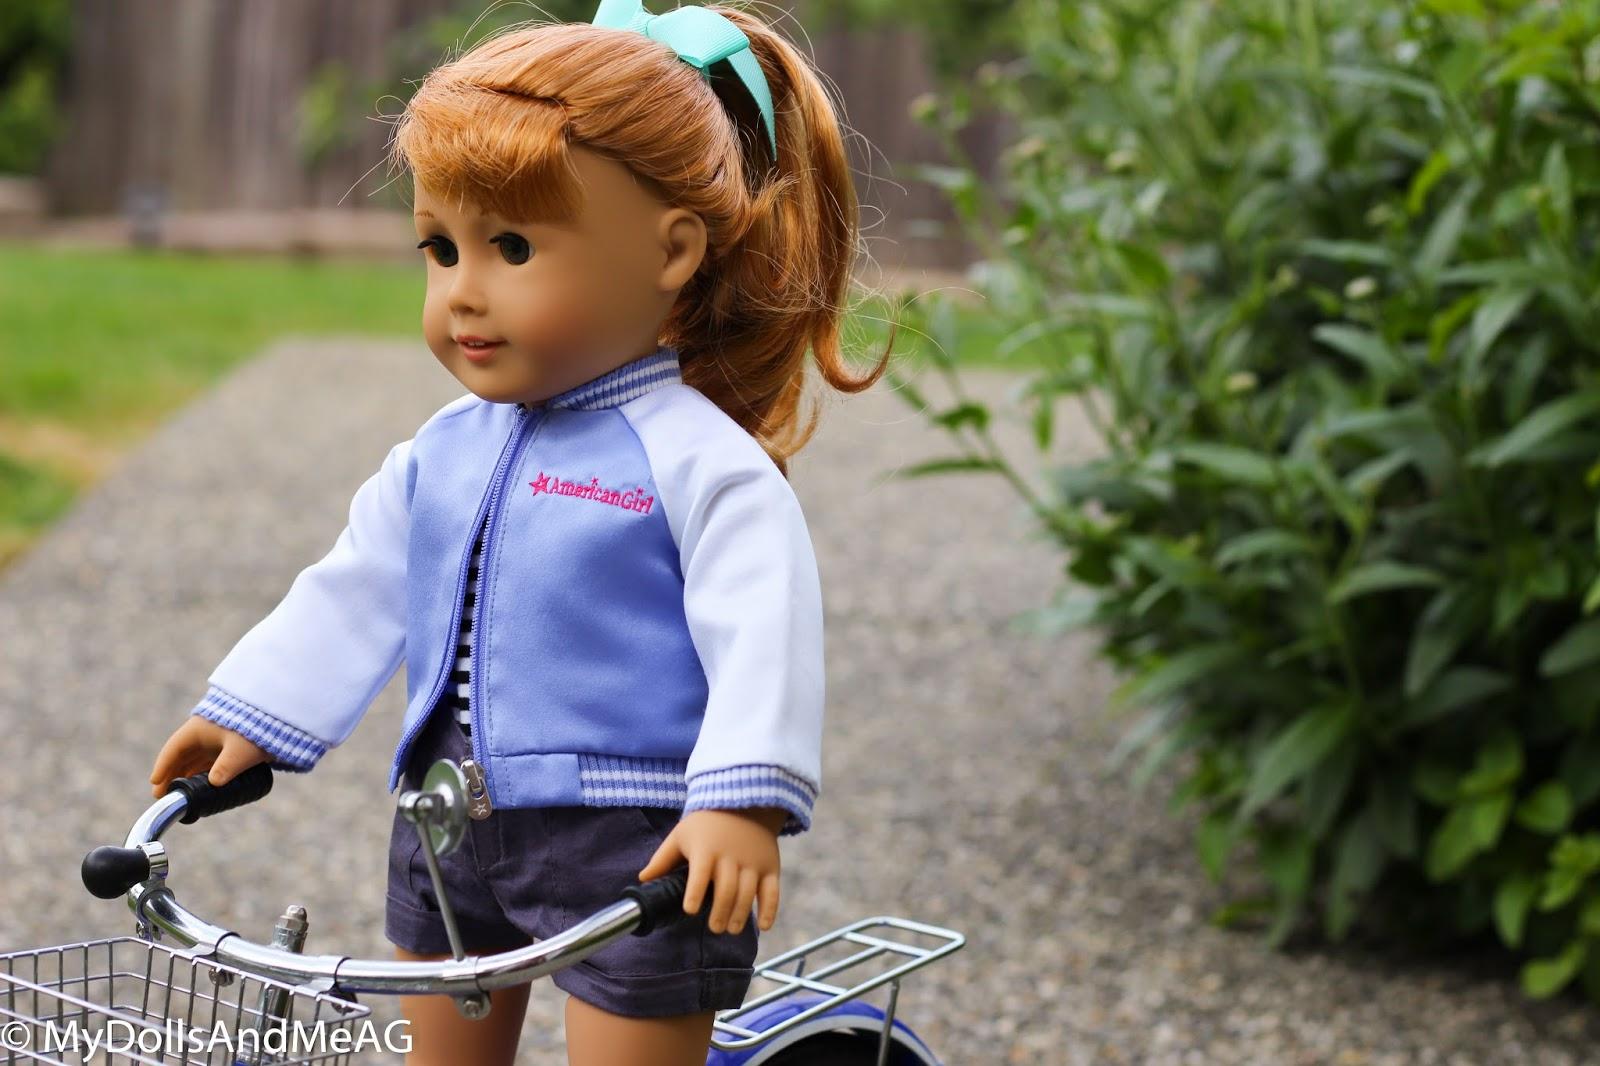 my dolls and me an american girl doll blog aurora plays outside rh mydollsandmeag blogspot com